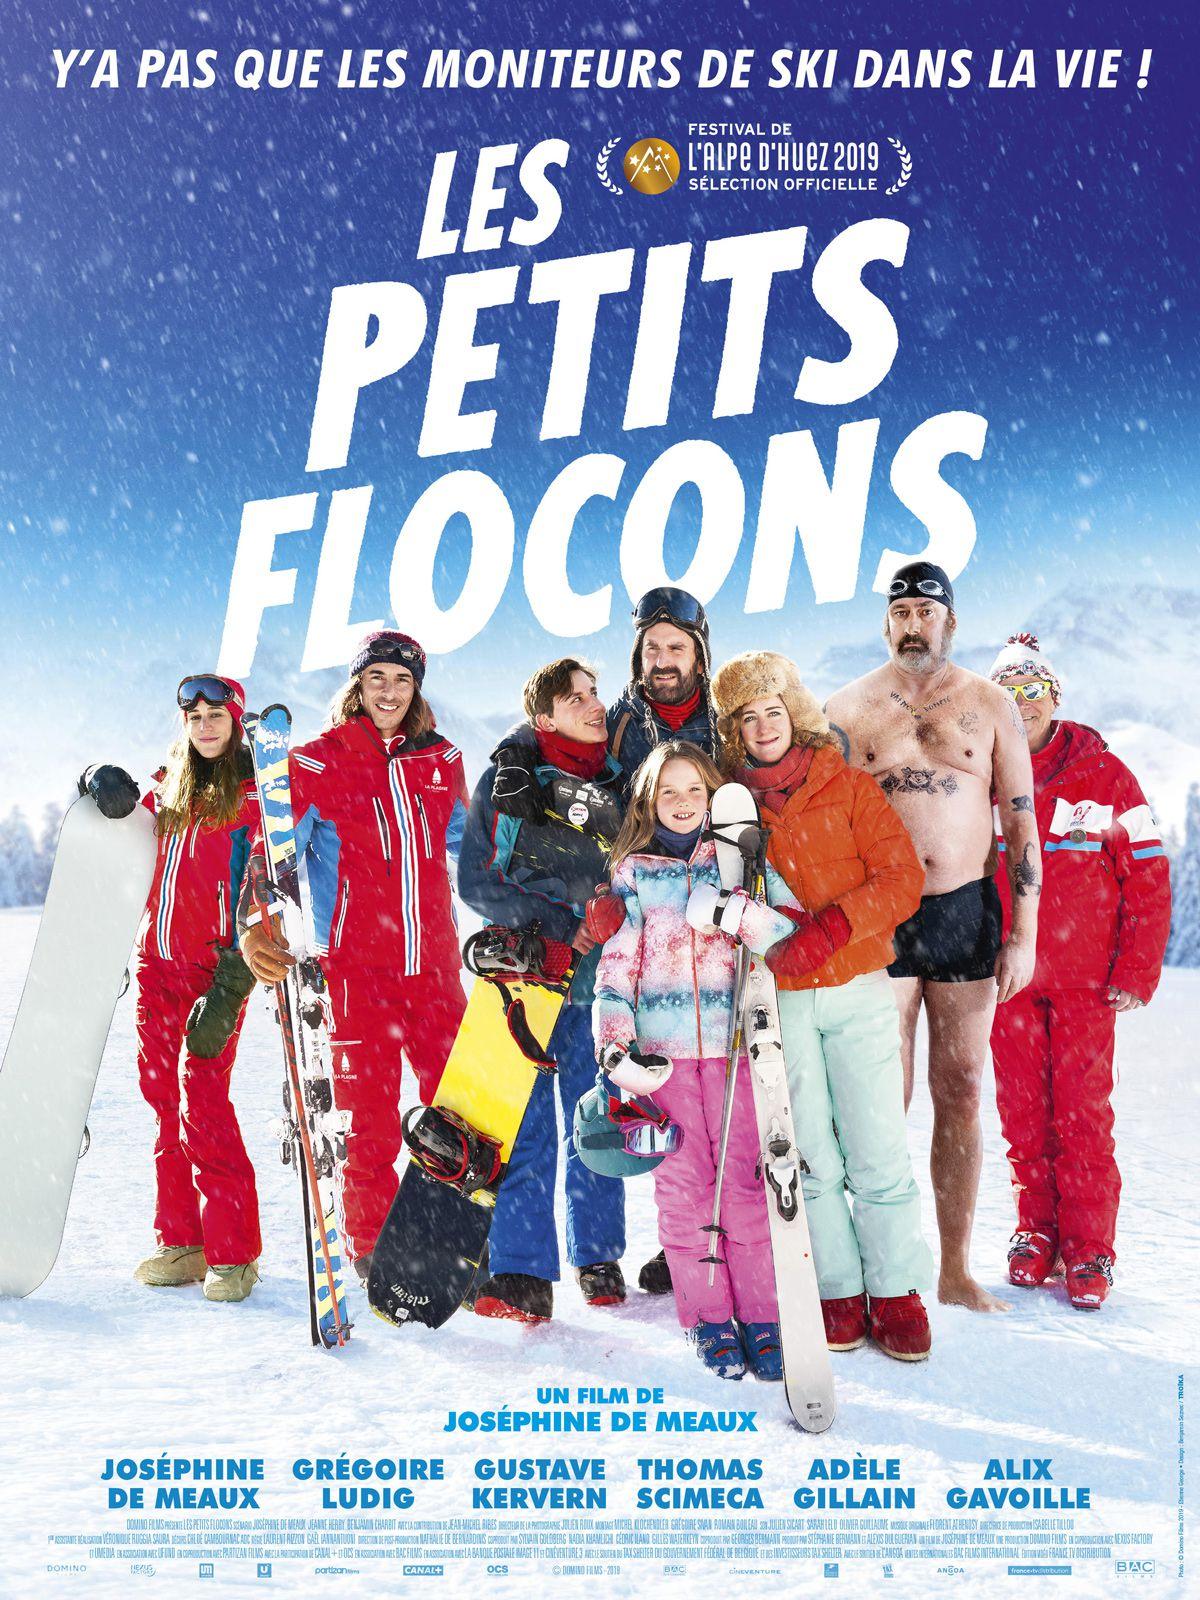 Les Petits Flocons - Film (2019)